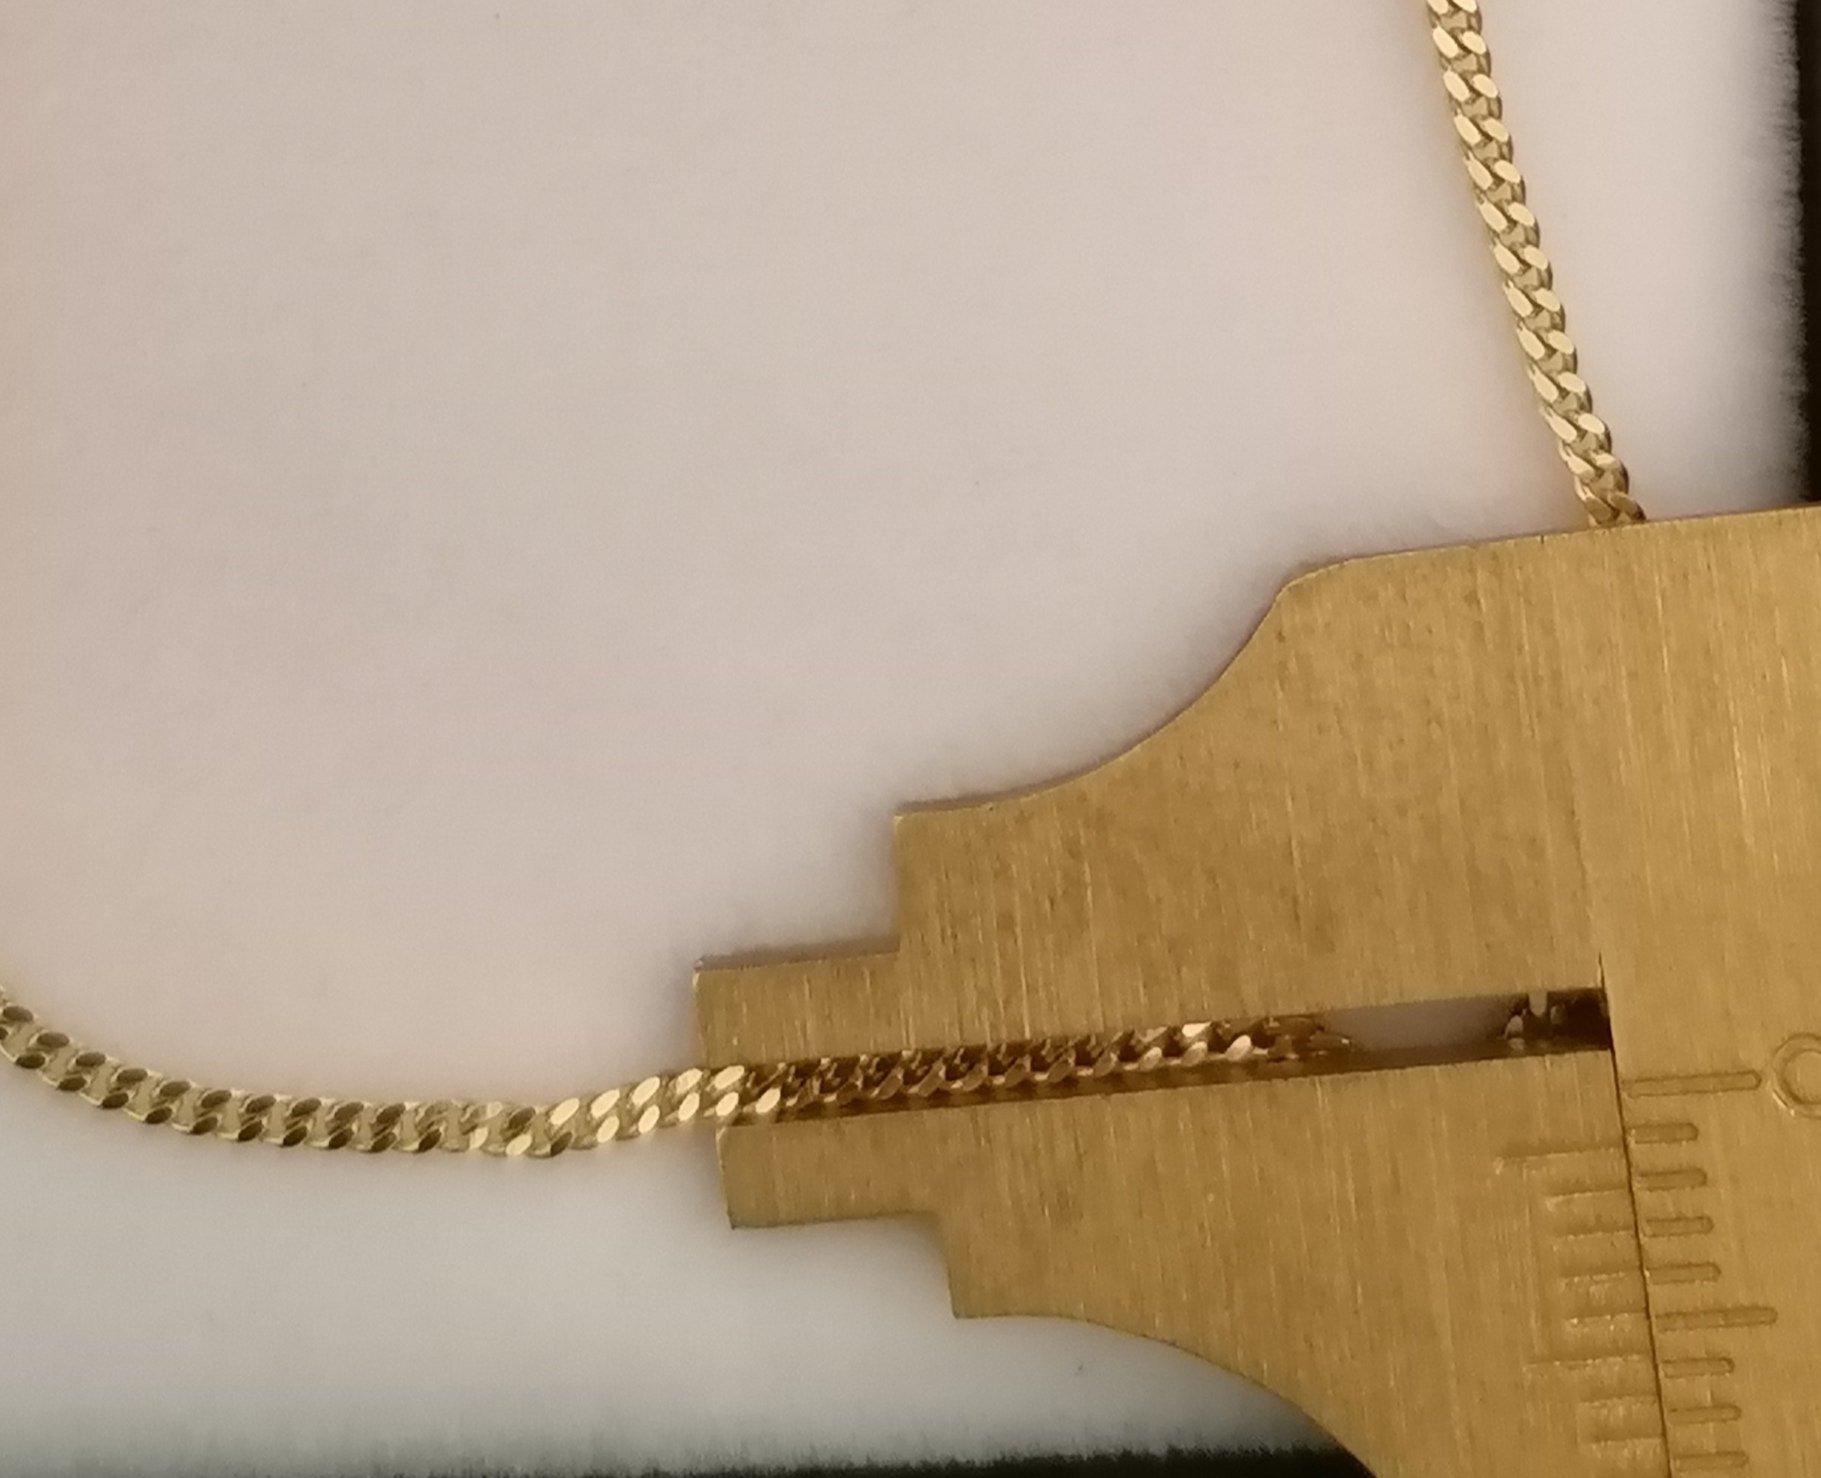 cadena barbada 60 cm y 1 mm de ancho maciza